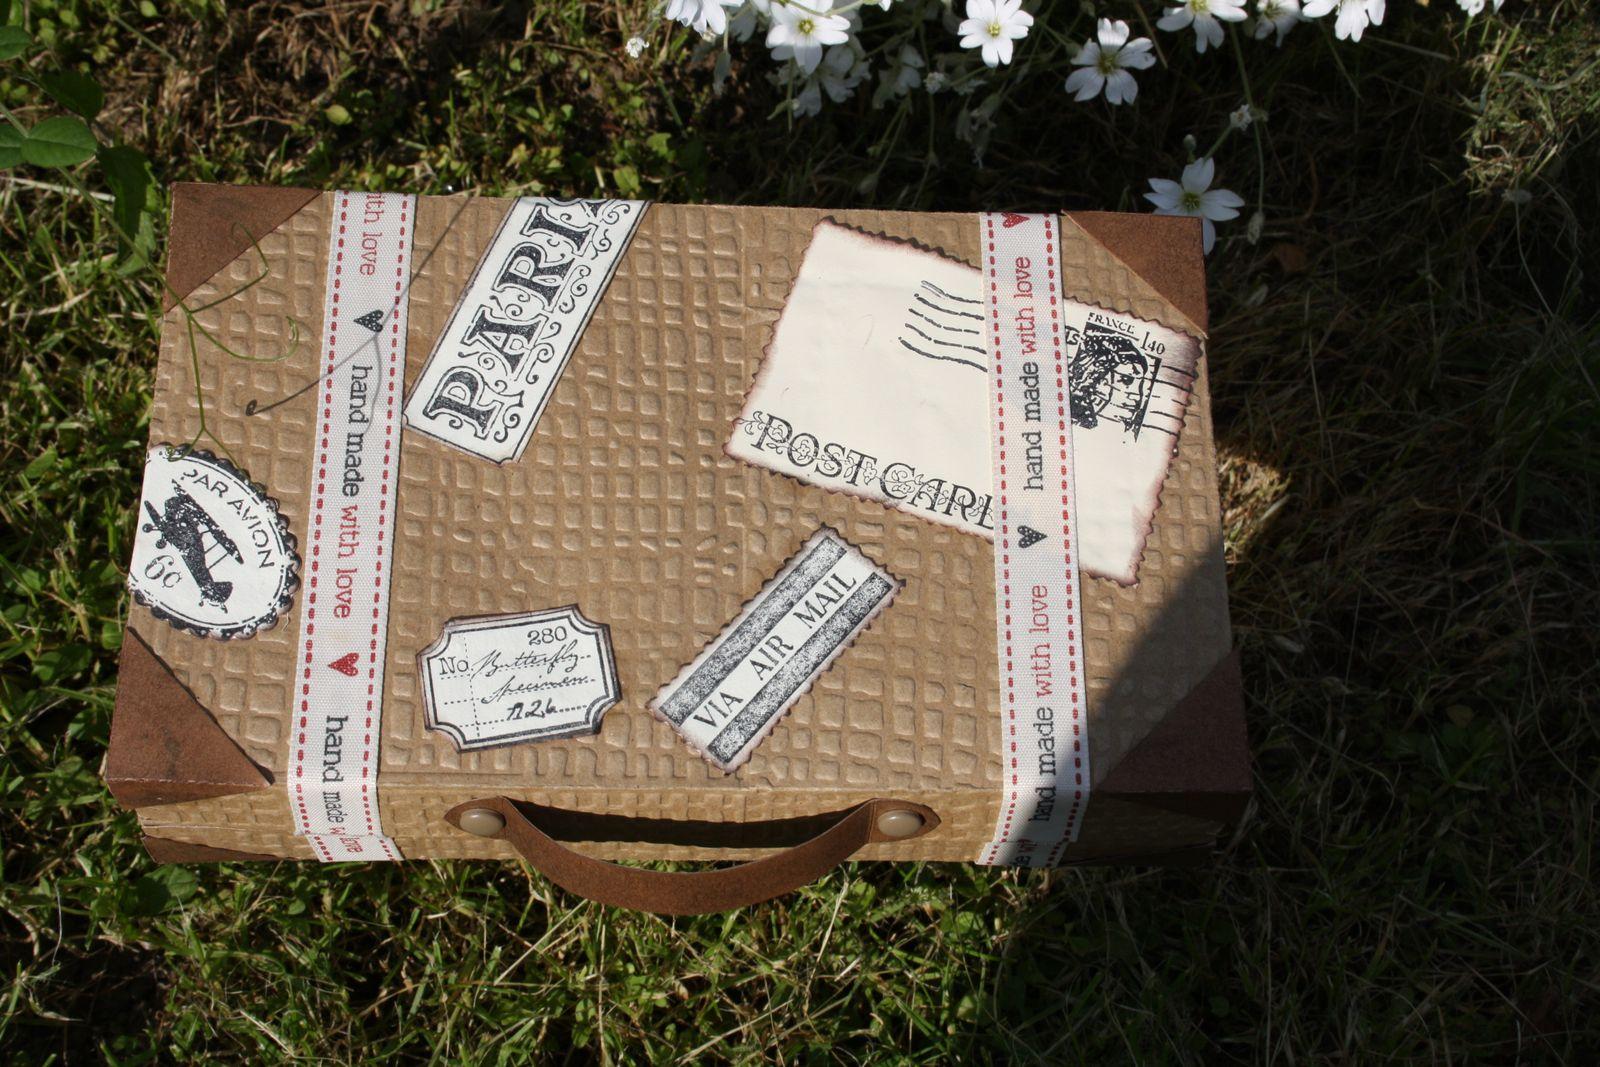 La réalisation du jour, la valise et son album photo 14 pages.